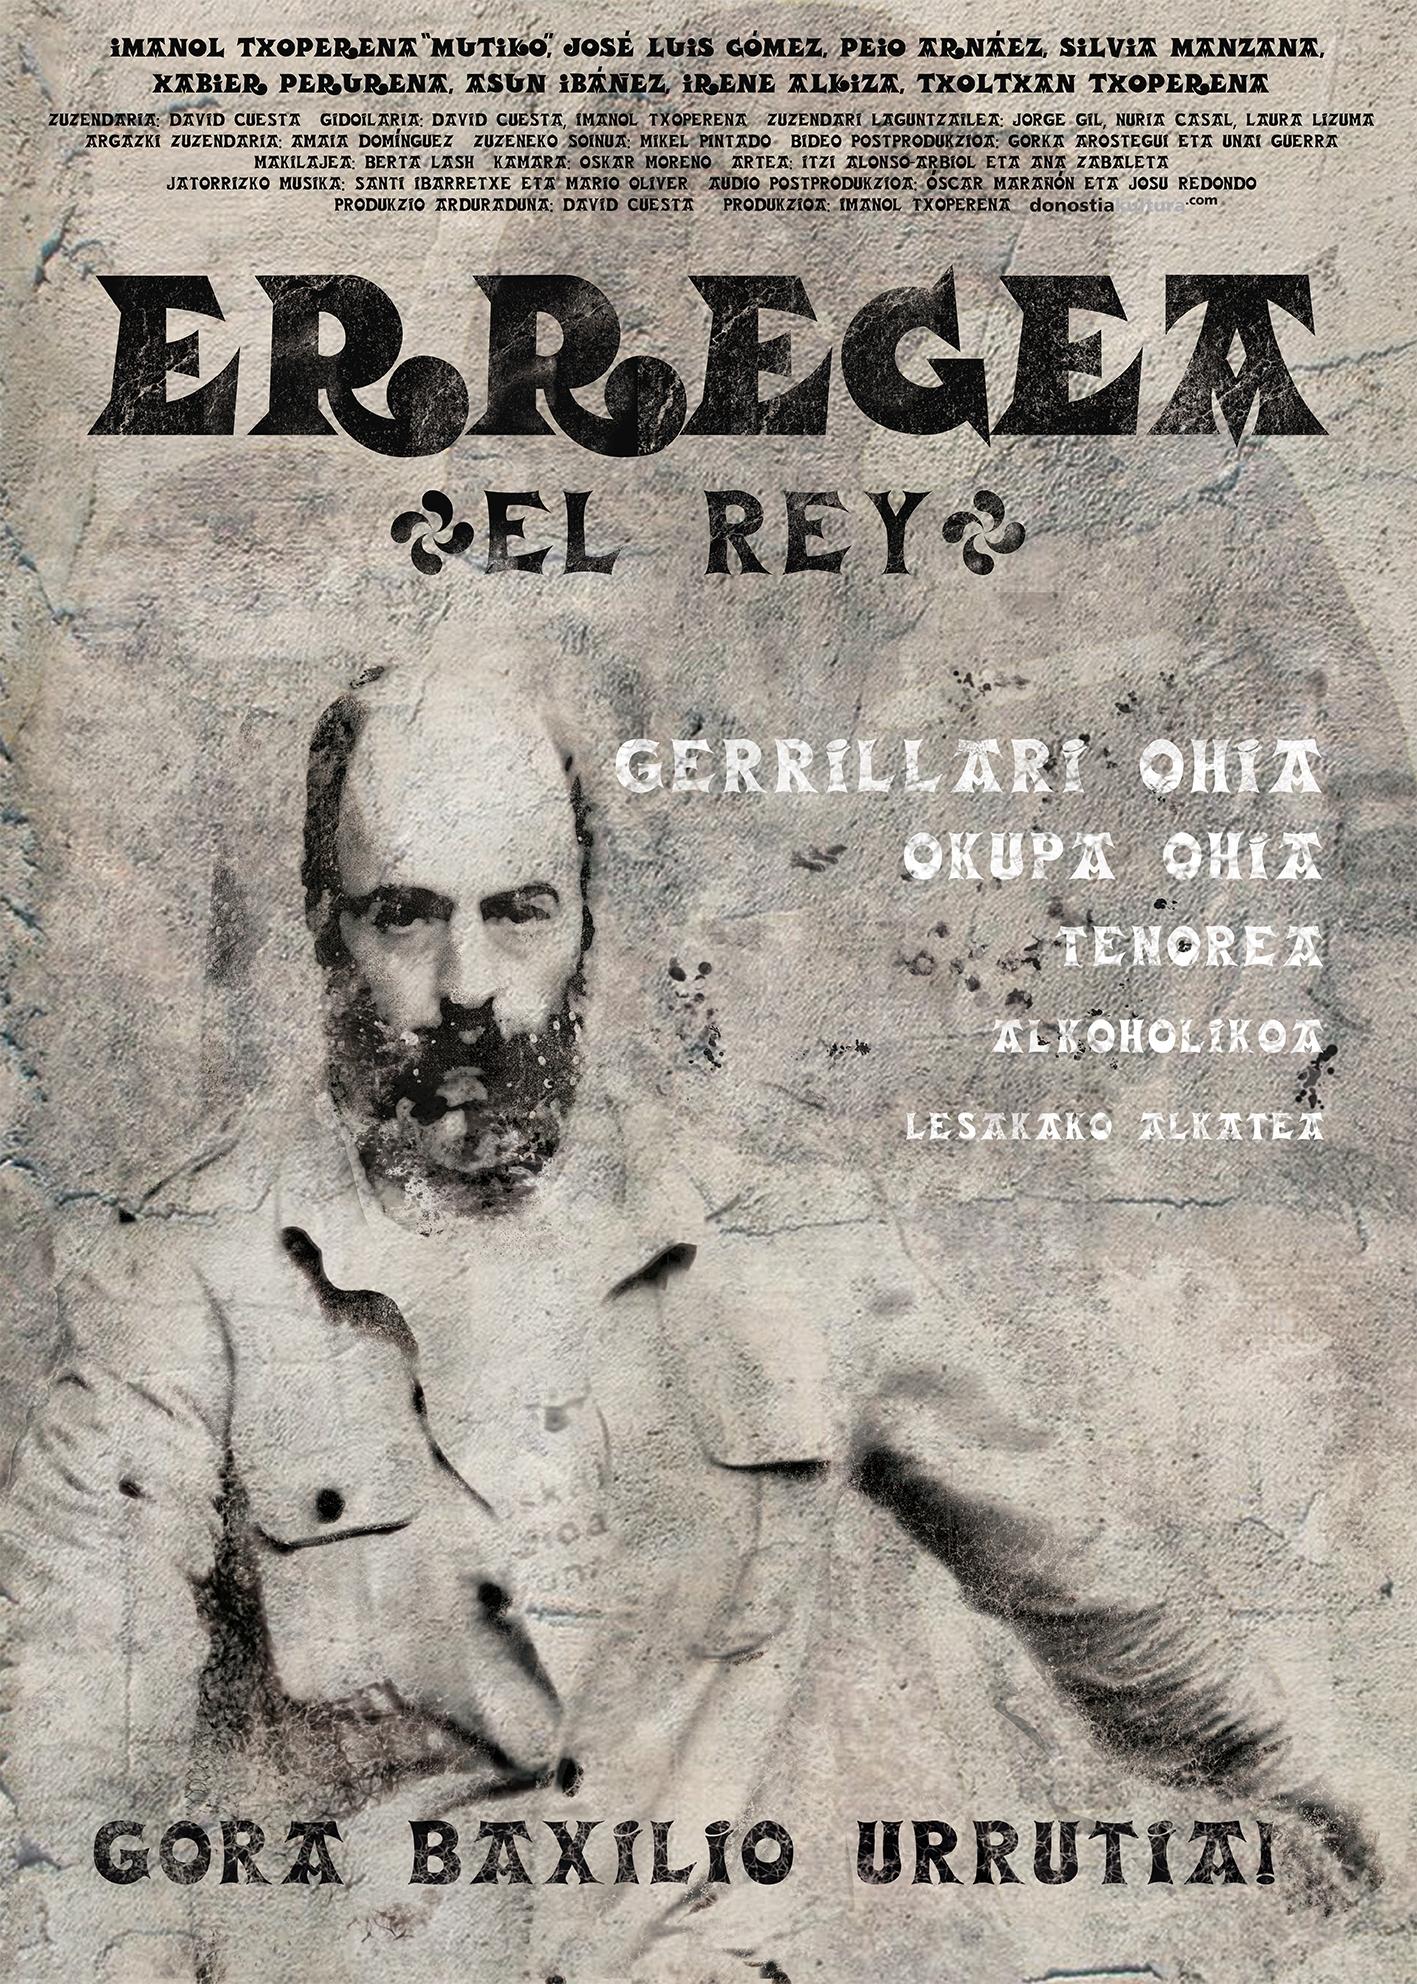 Erregea (El rey)